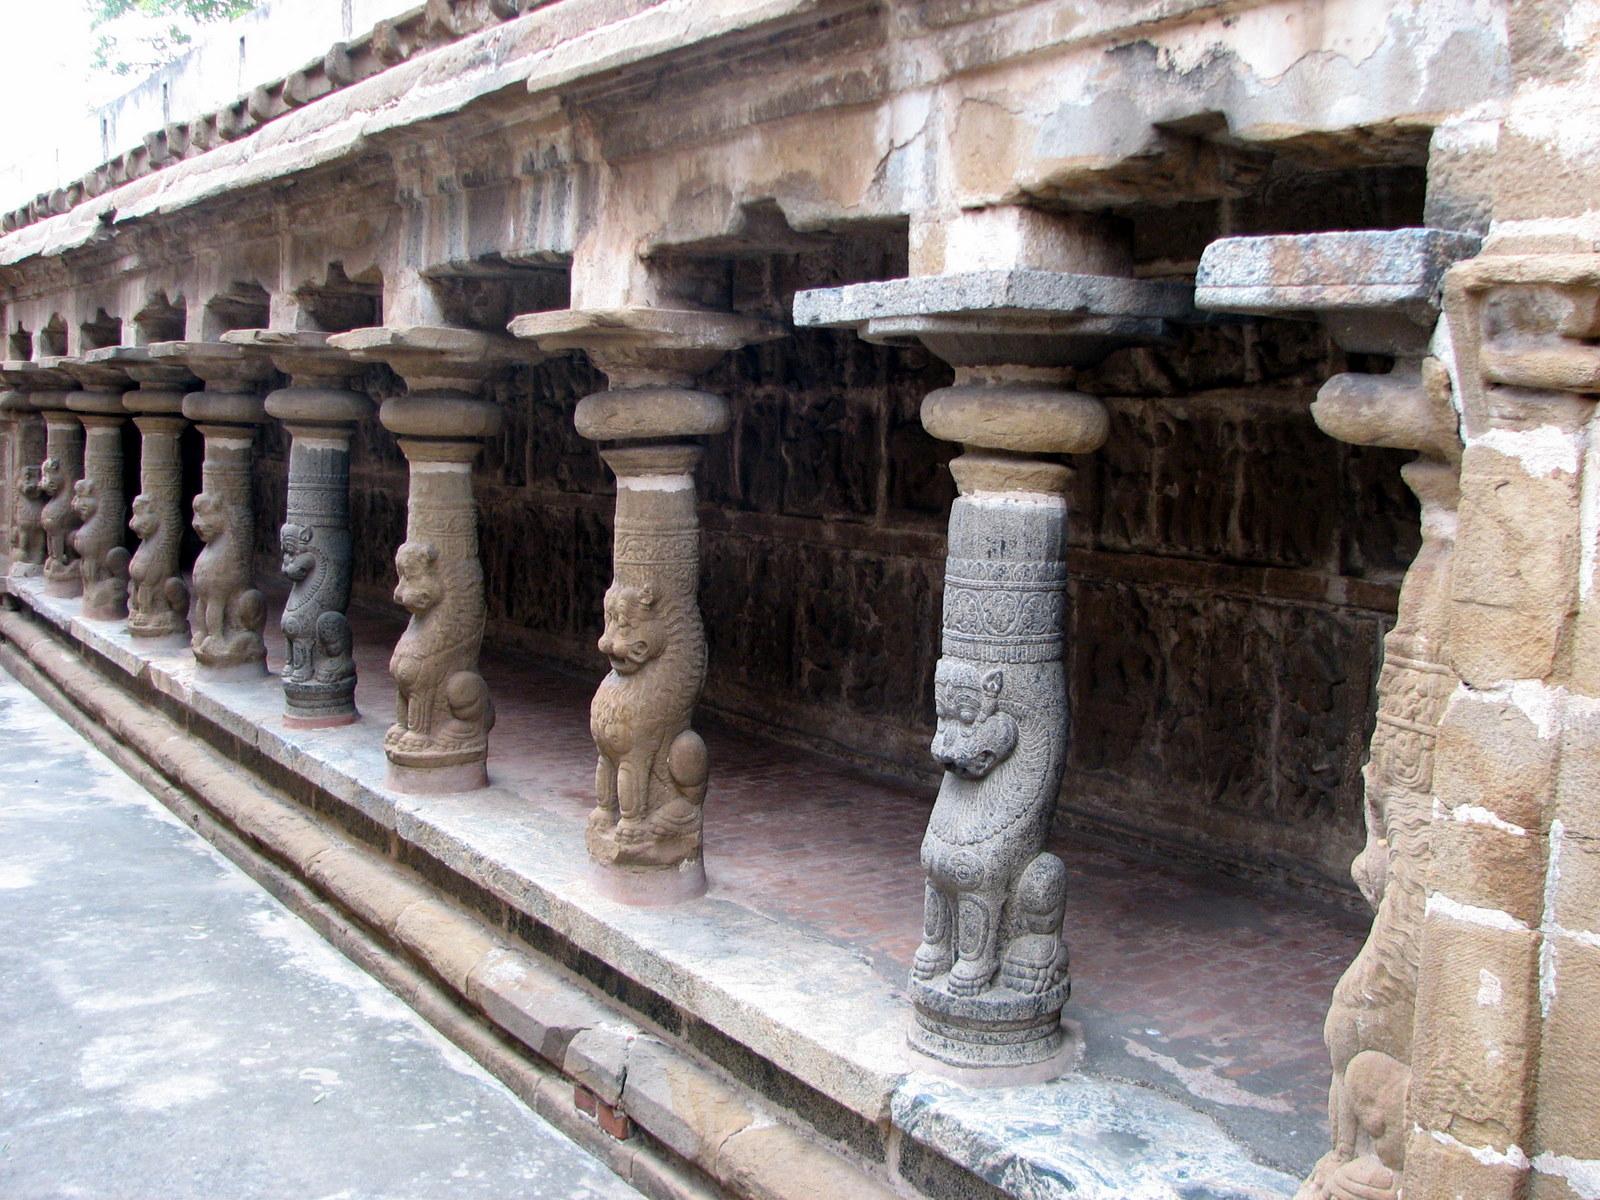 Sri Vaikunda Perumal Temple (Thiru Parameswara Vinnagaram) Kanchipuram - Divya Desam 53